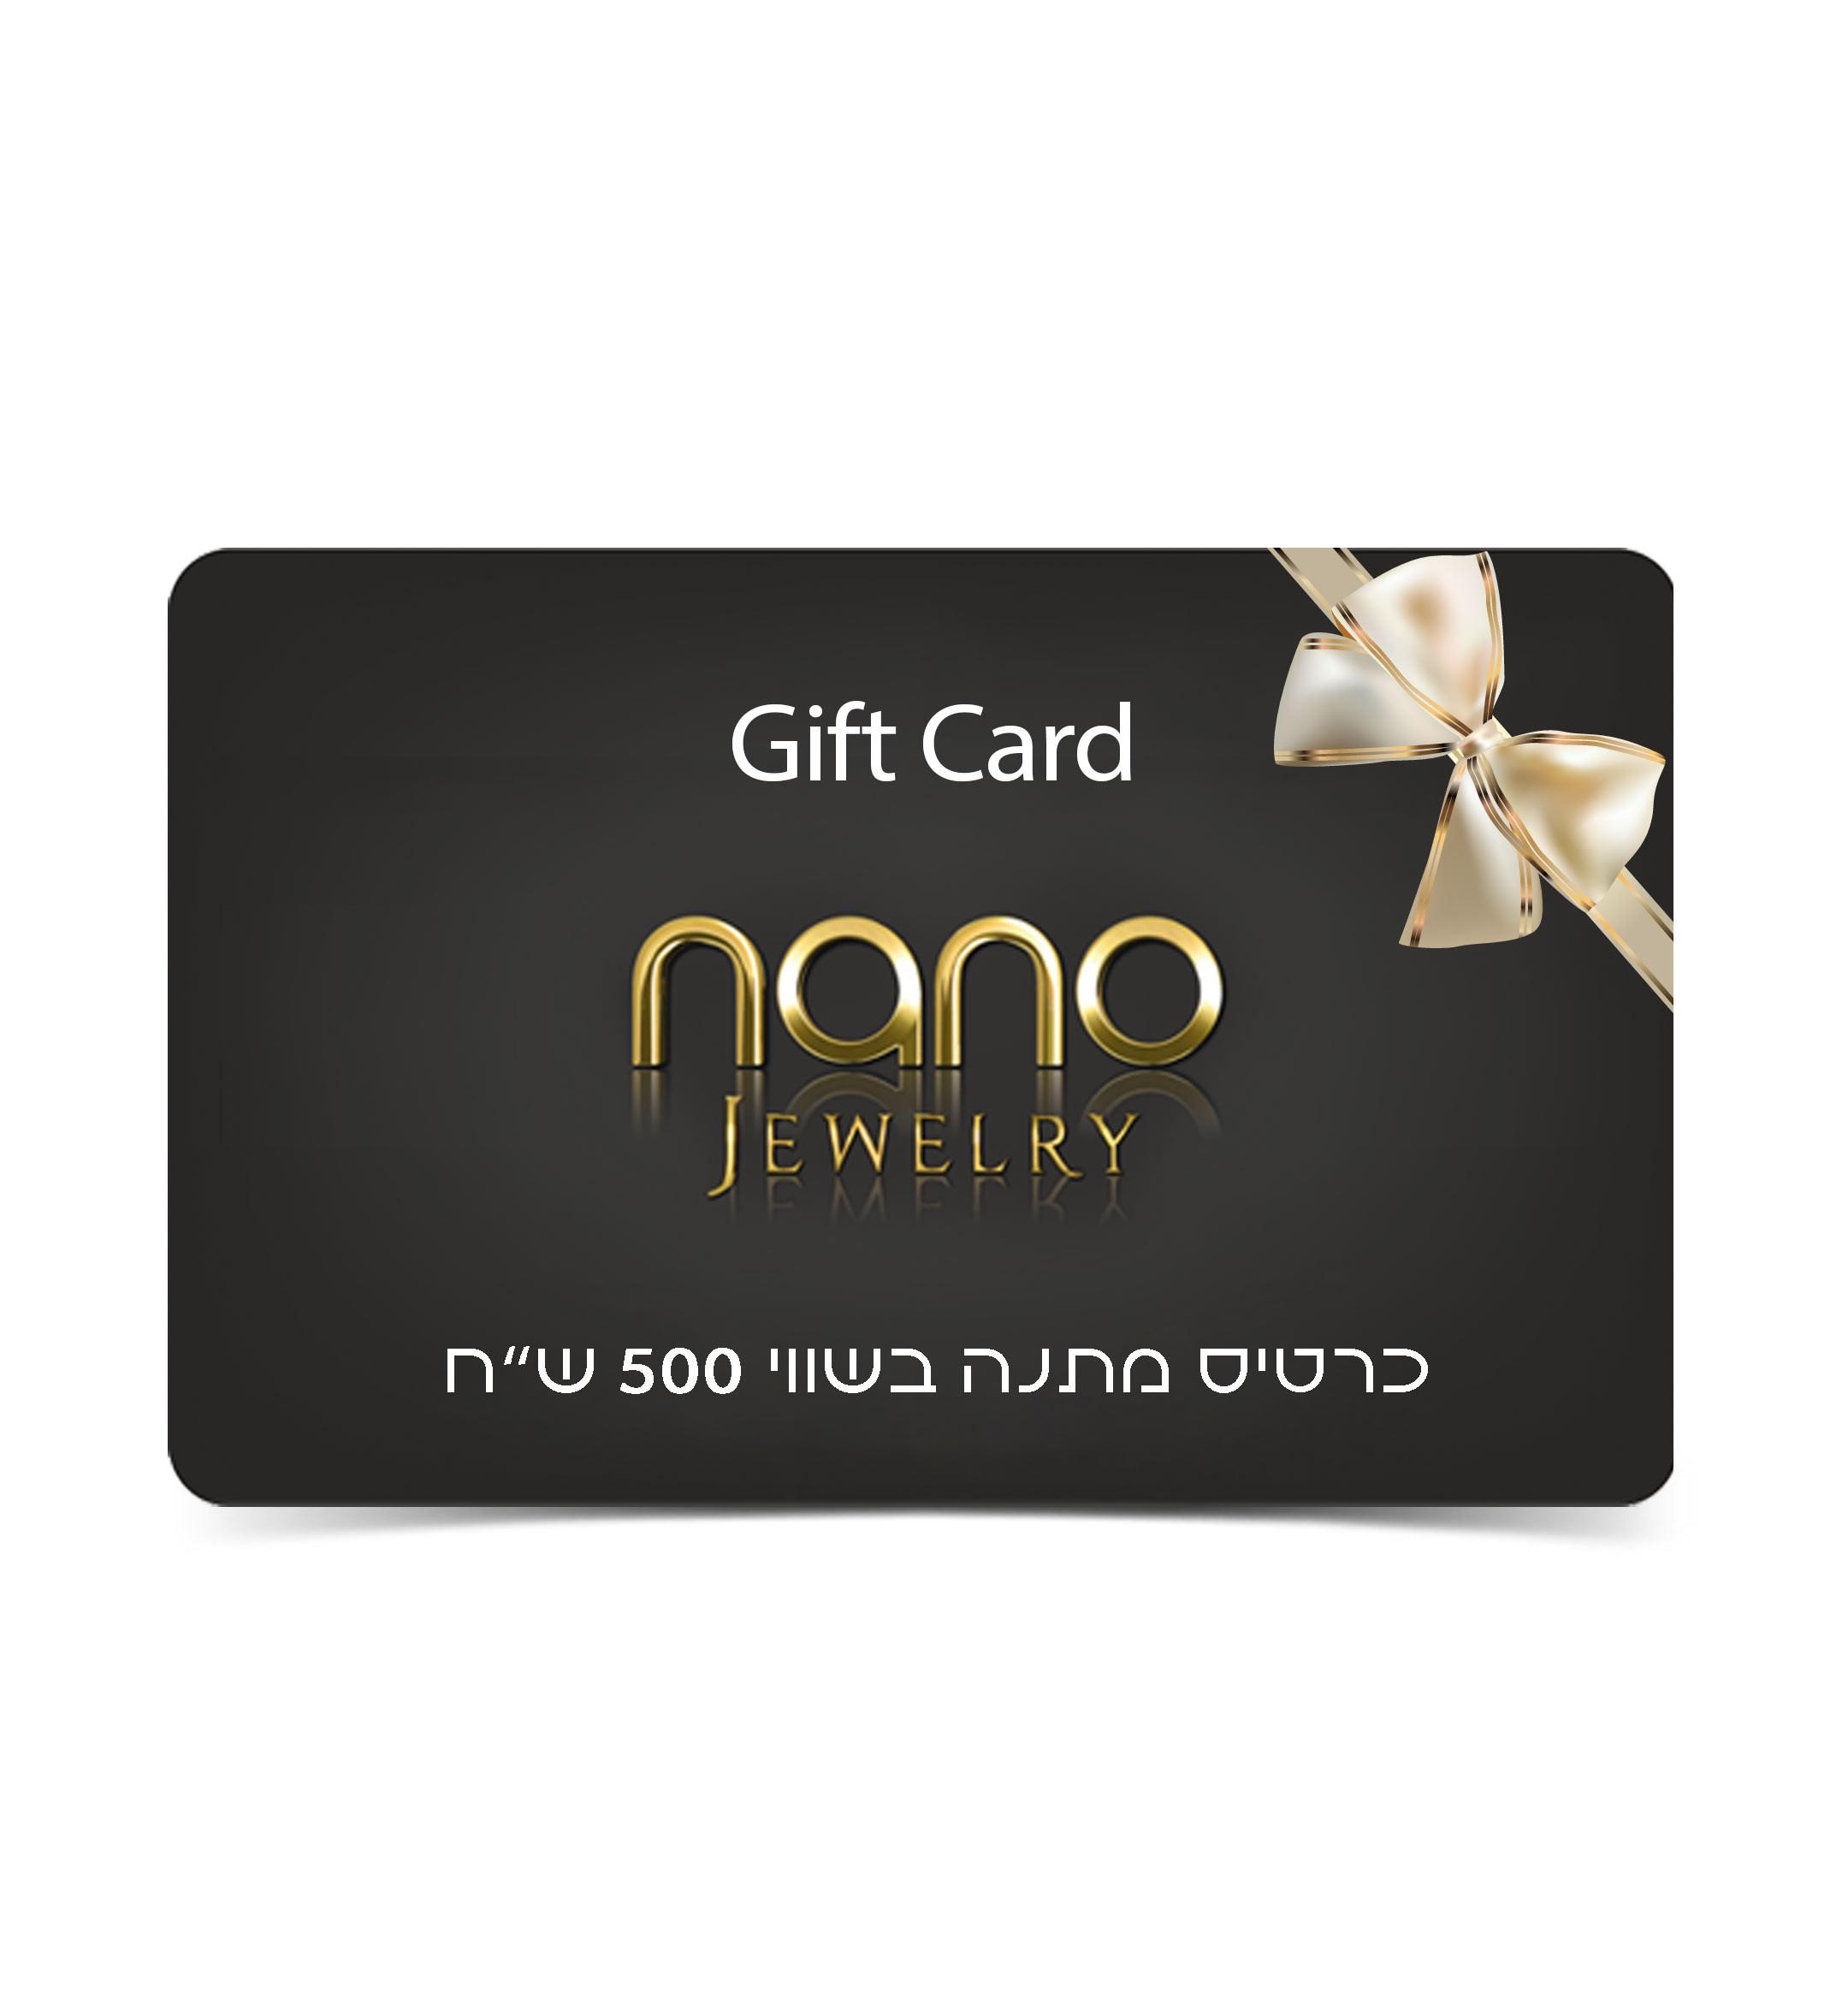 כרטיס מתנה 500 שח - ננו תכשיטיםכרטיס מתנה 500 שח - ננו תכשיטים